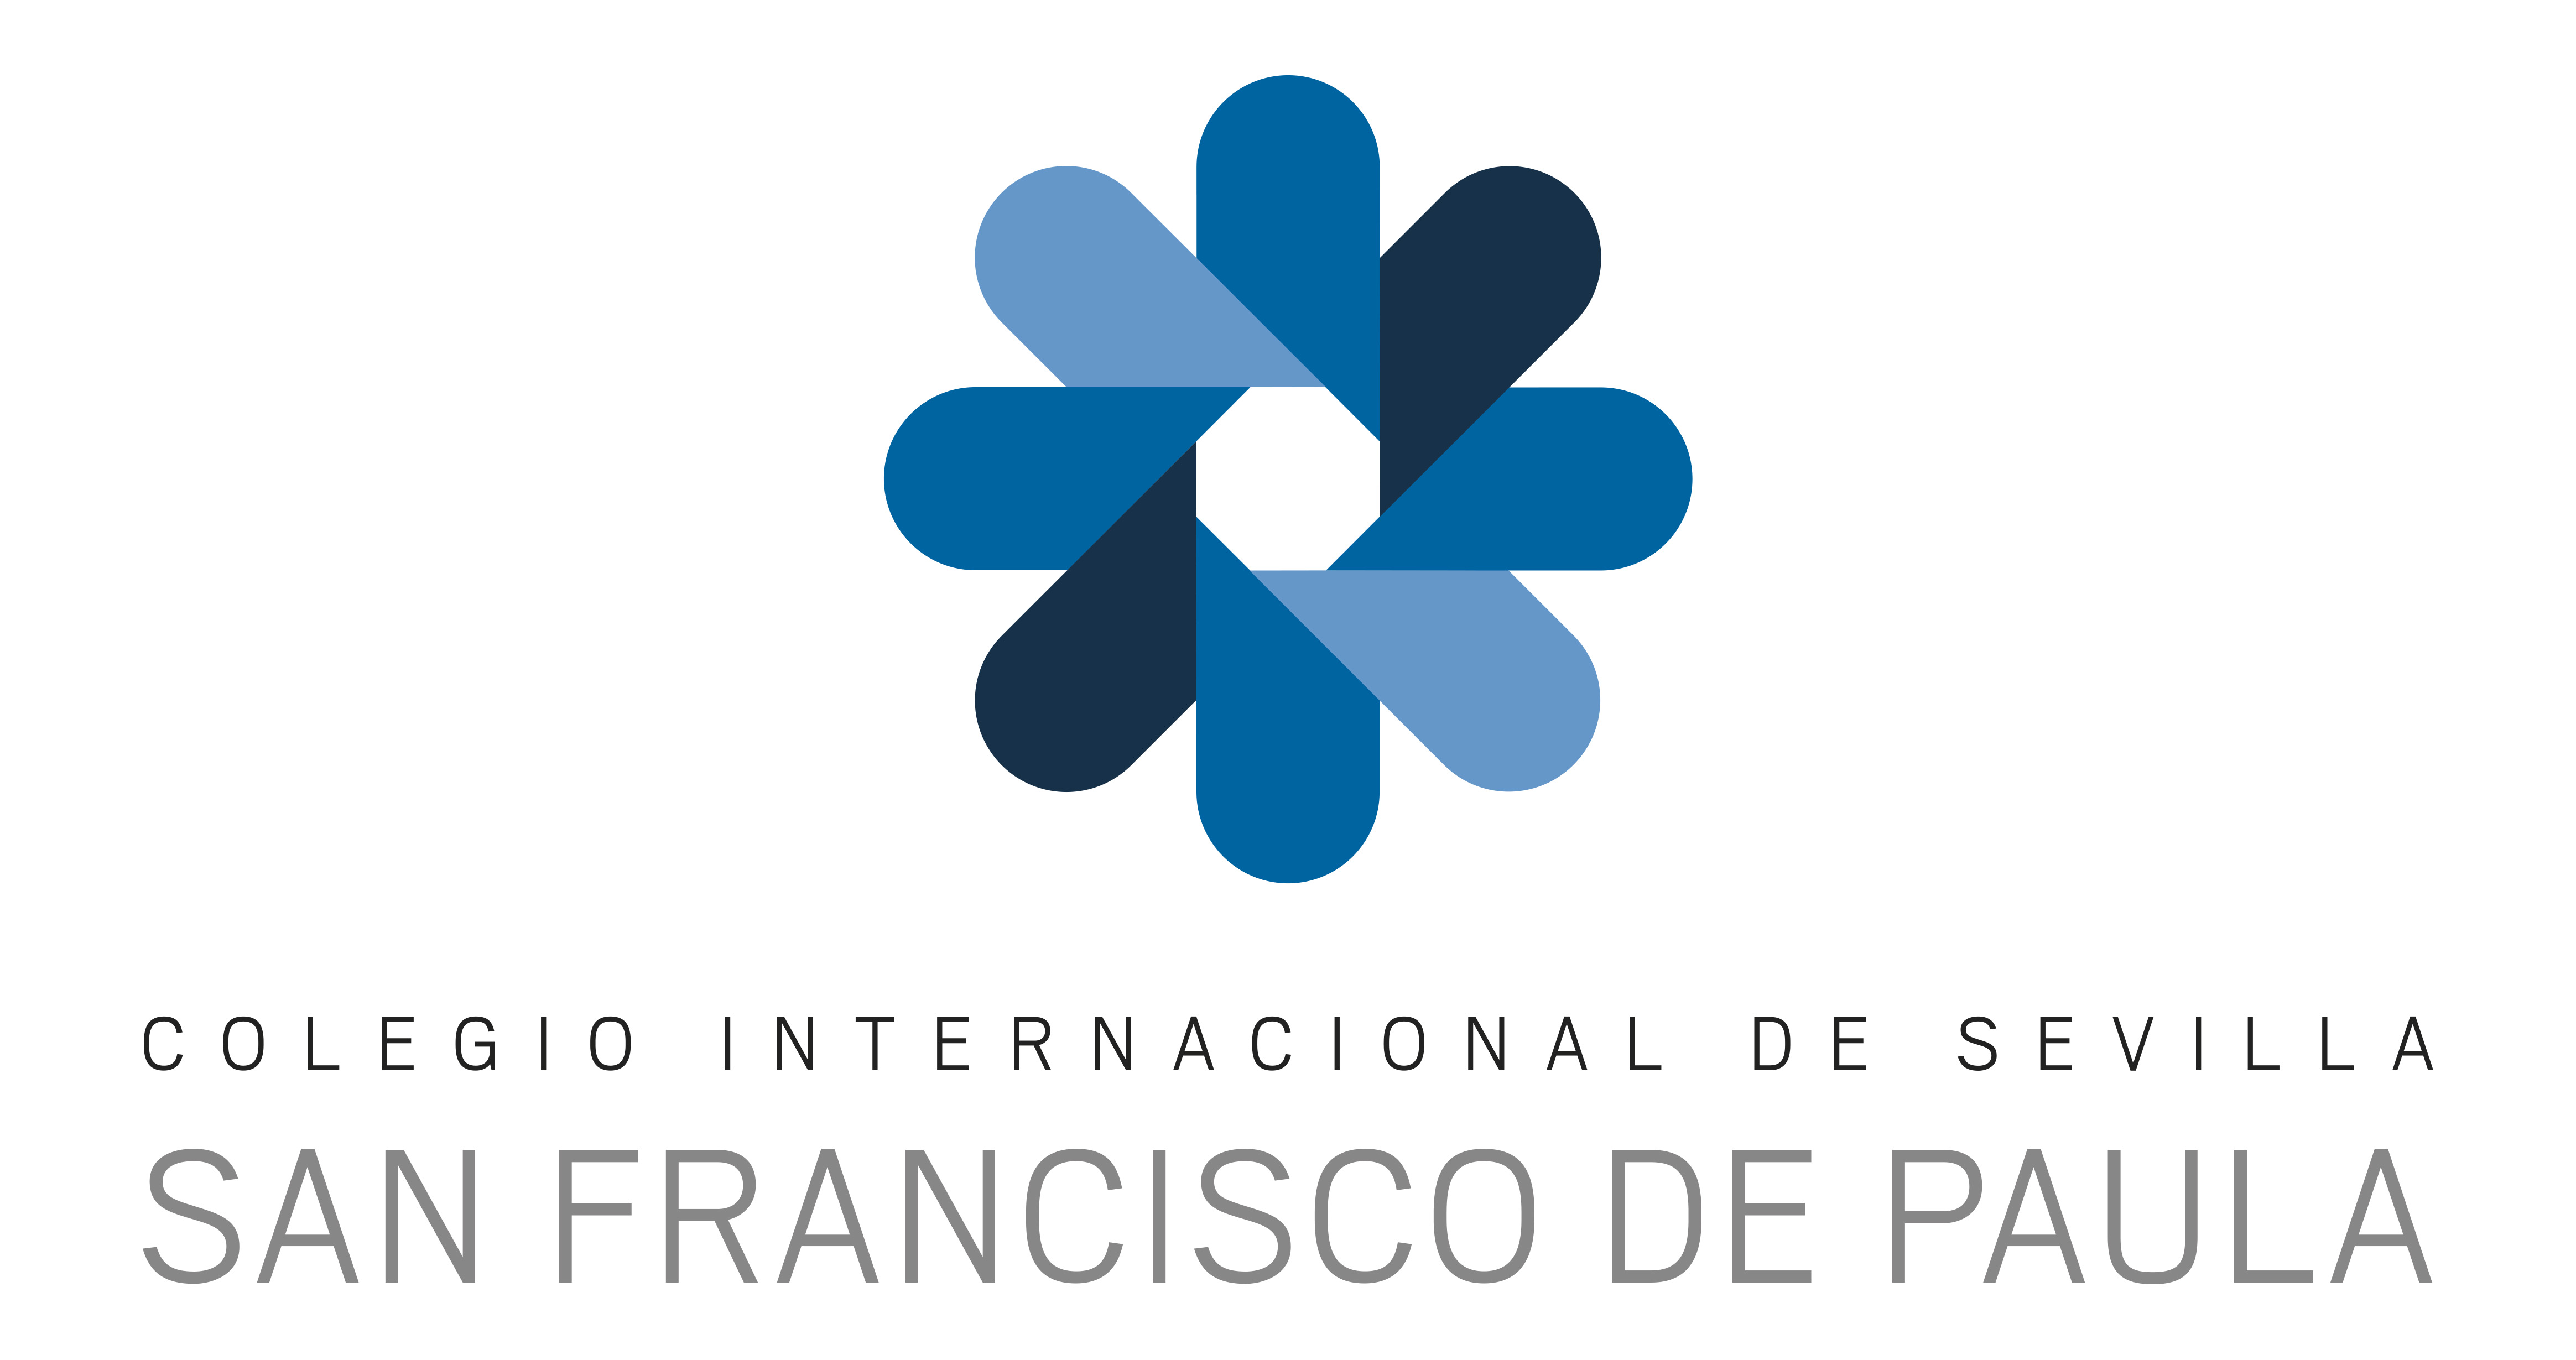 NOTA DE PRENSA: REPRESENTANTES DEL MINISTERIO DE EDUCACIÓN DE COREA DEL SUR VISITAN EL COLEGIO INTERNACIONAL DE SEVILLA DE SAN FRANCISCO DE PAULA